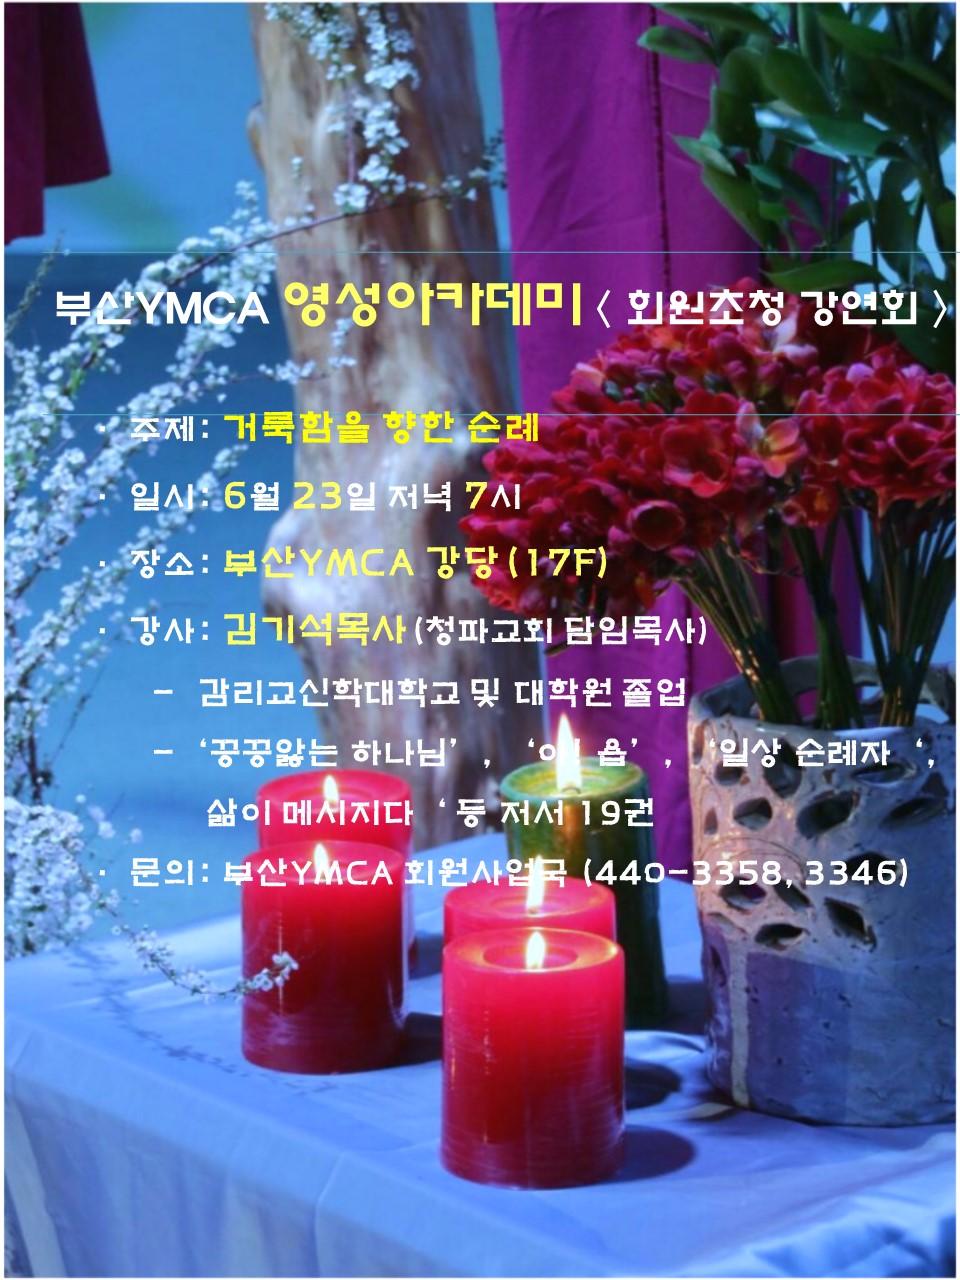 KakaoTalk_20170608_142701688.jpg